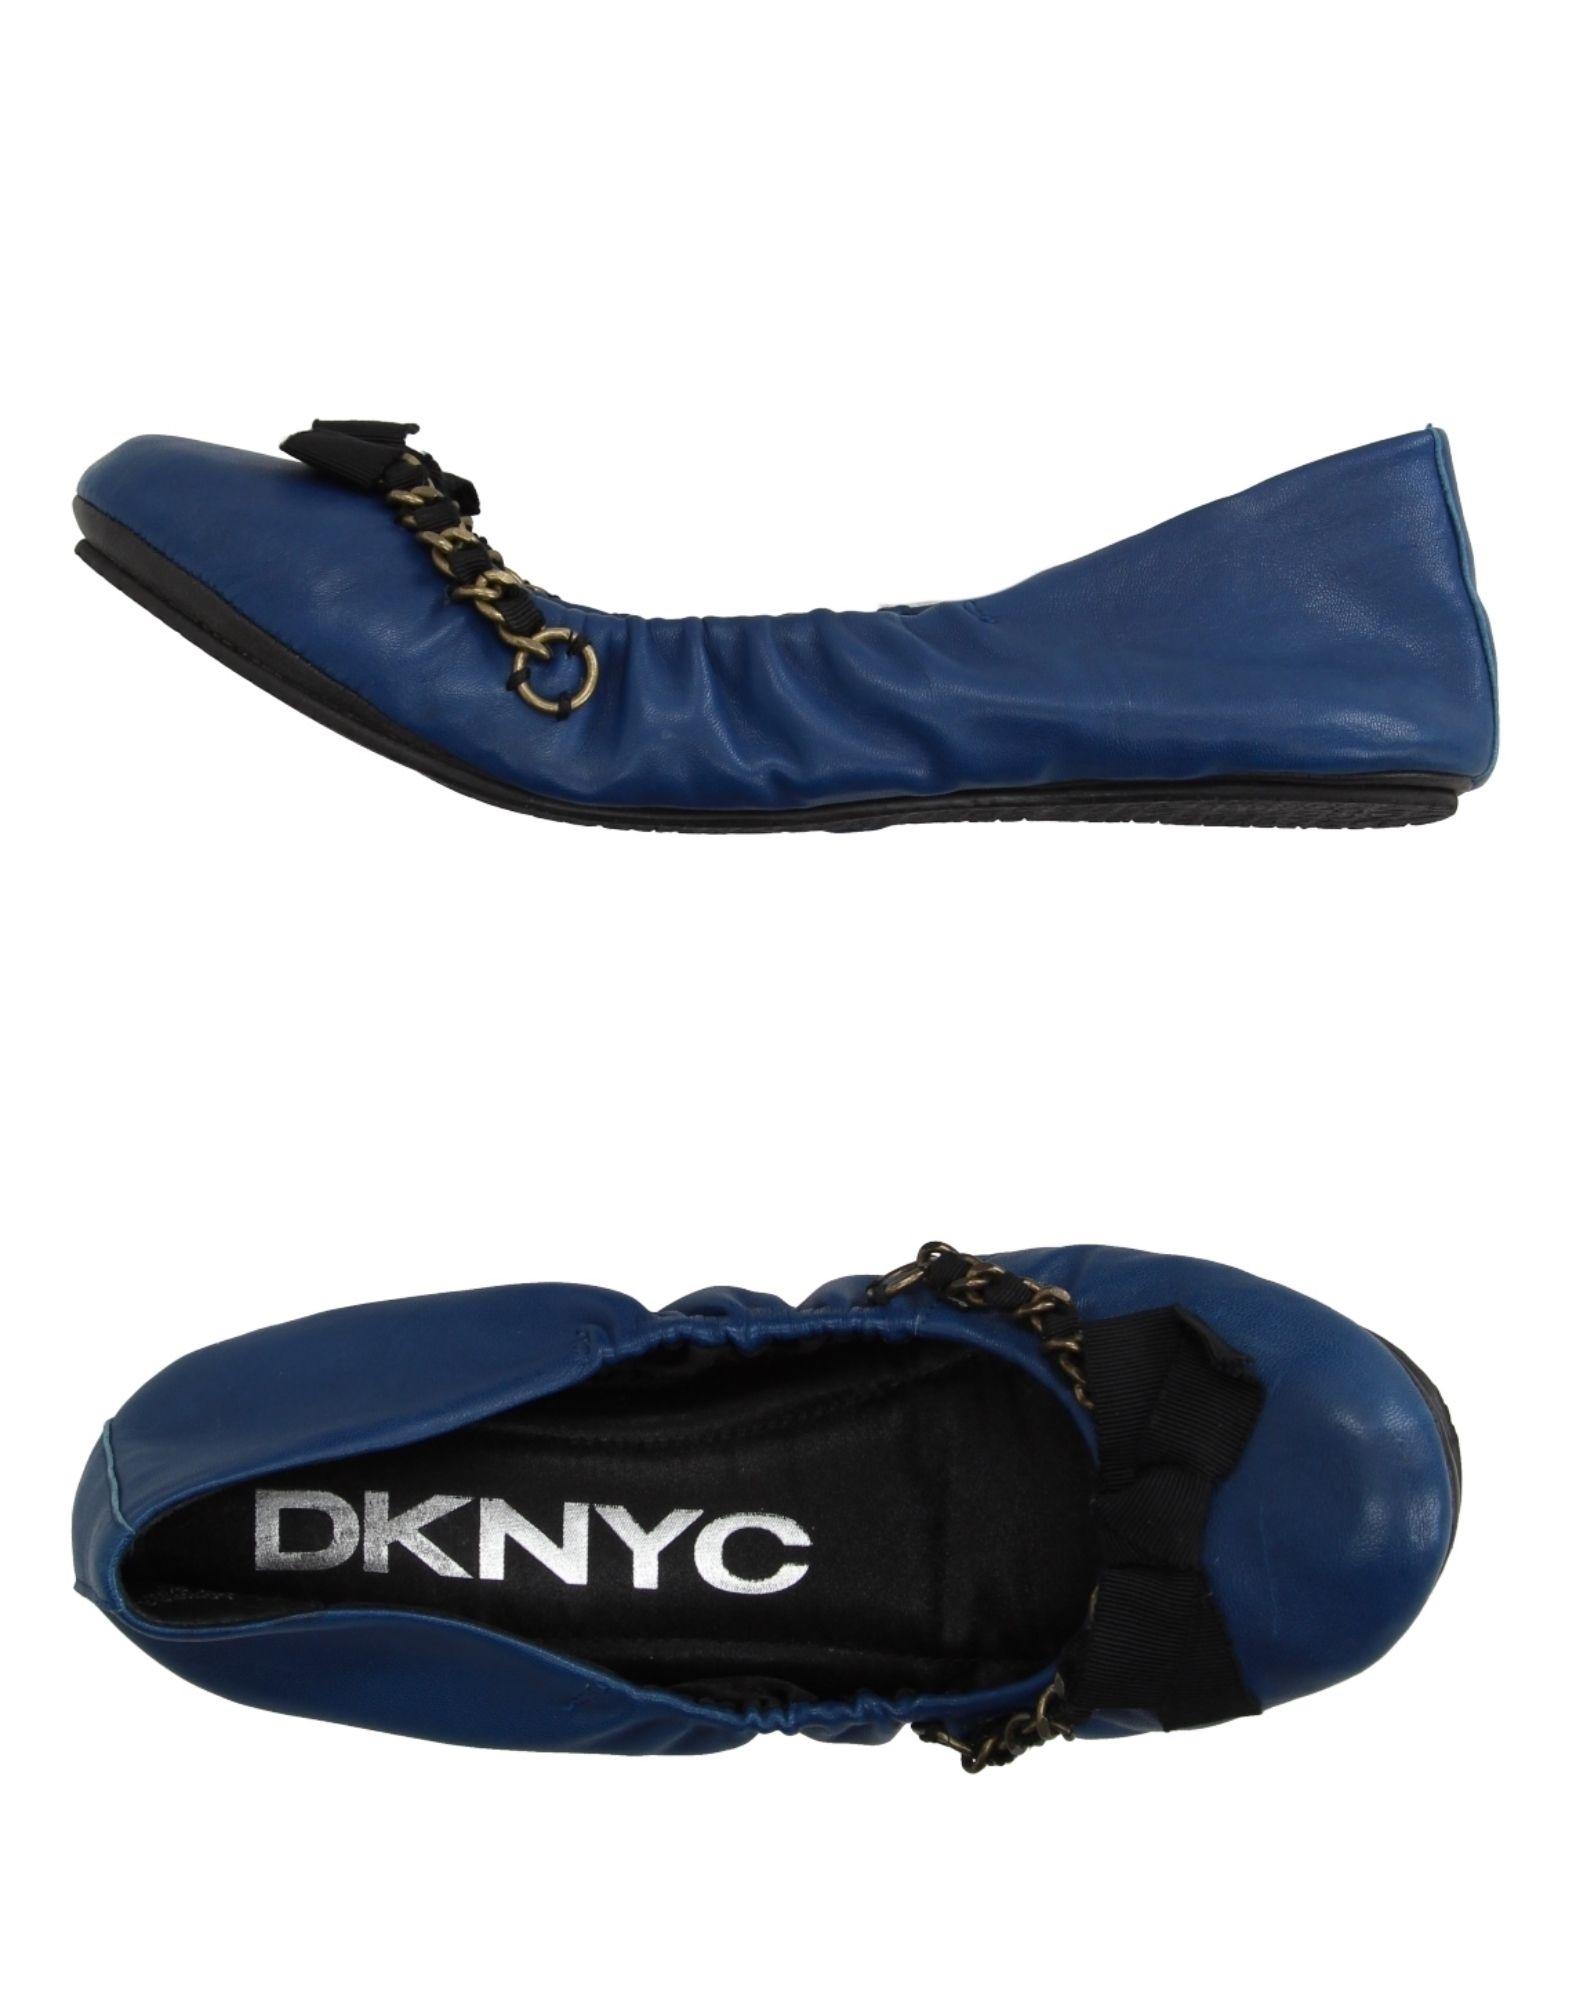 где купить DKNYC Балетки по лучшей цене